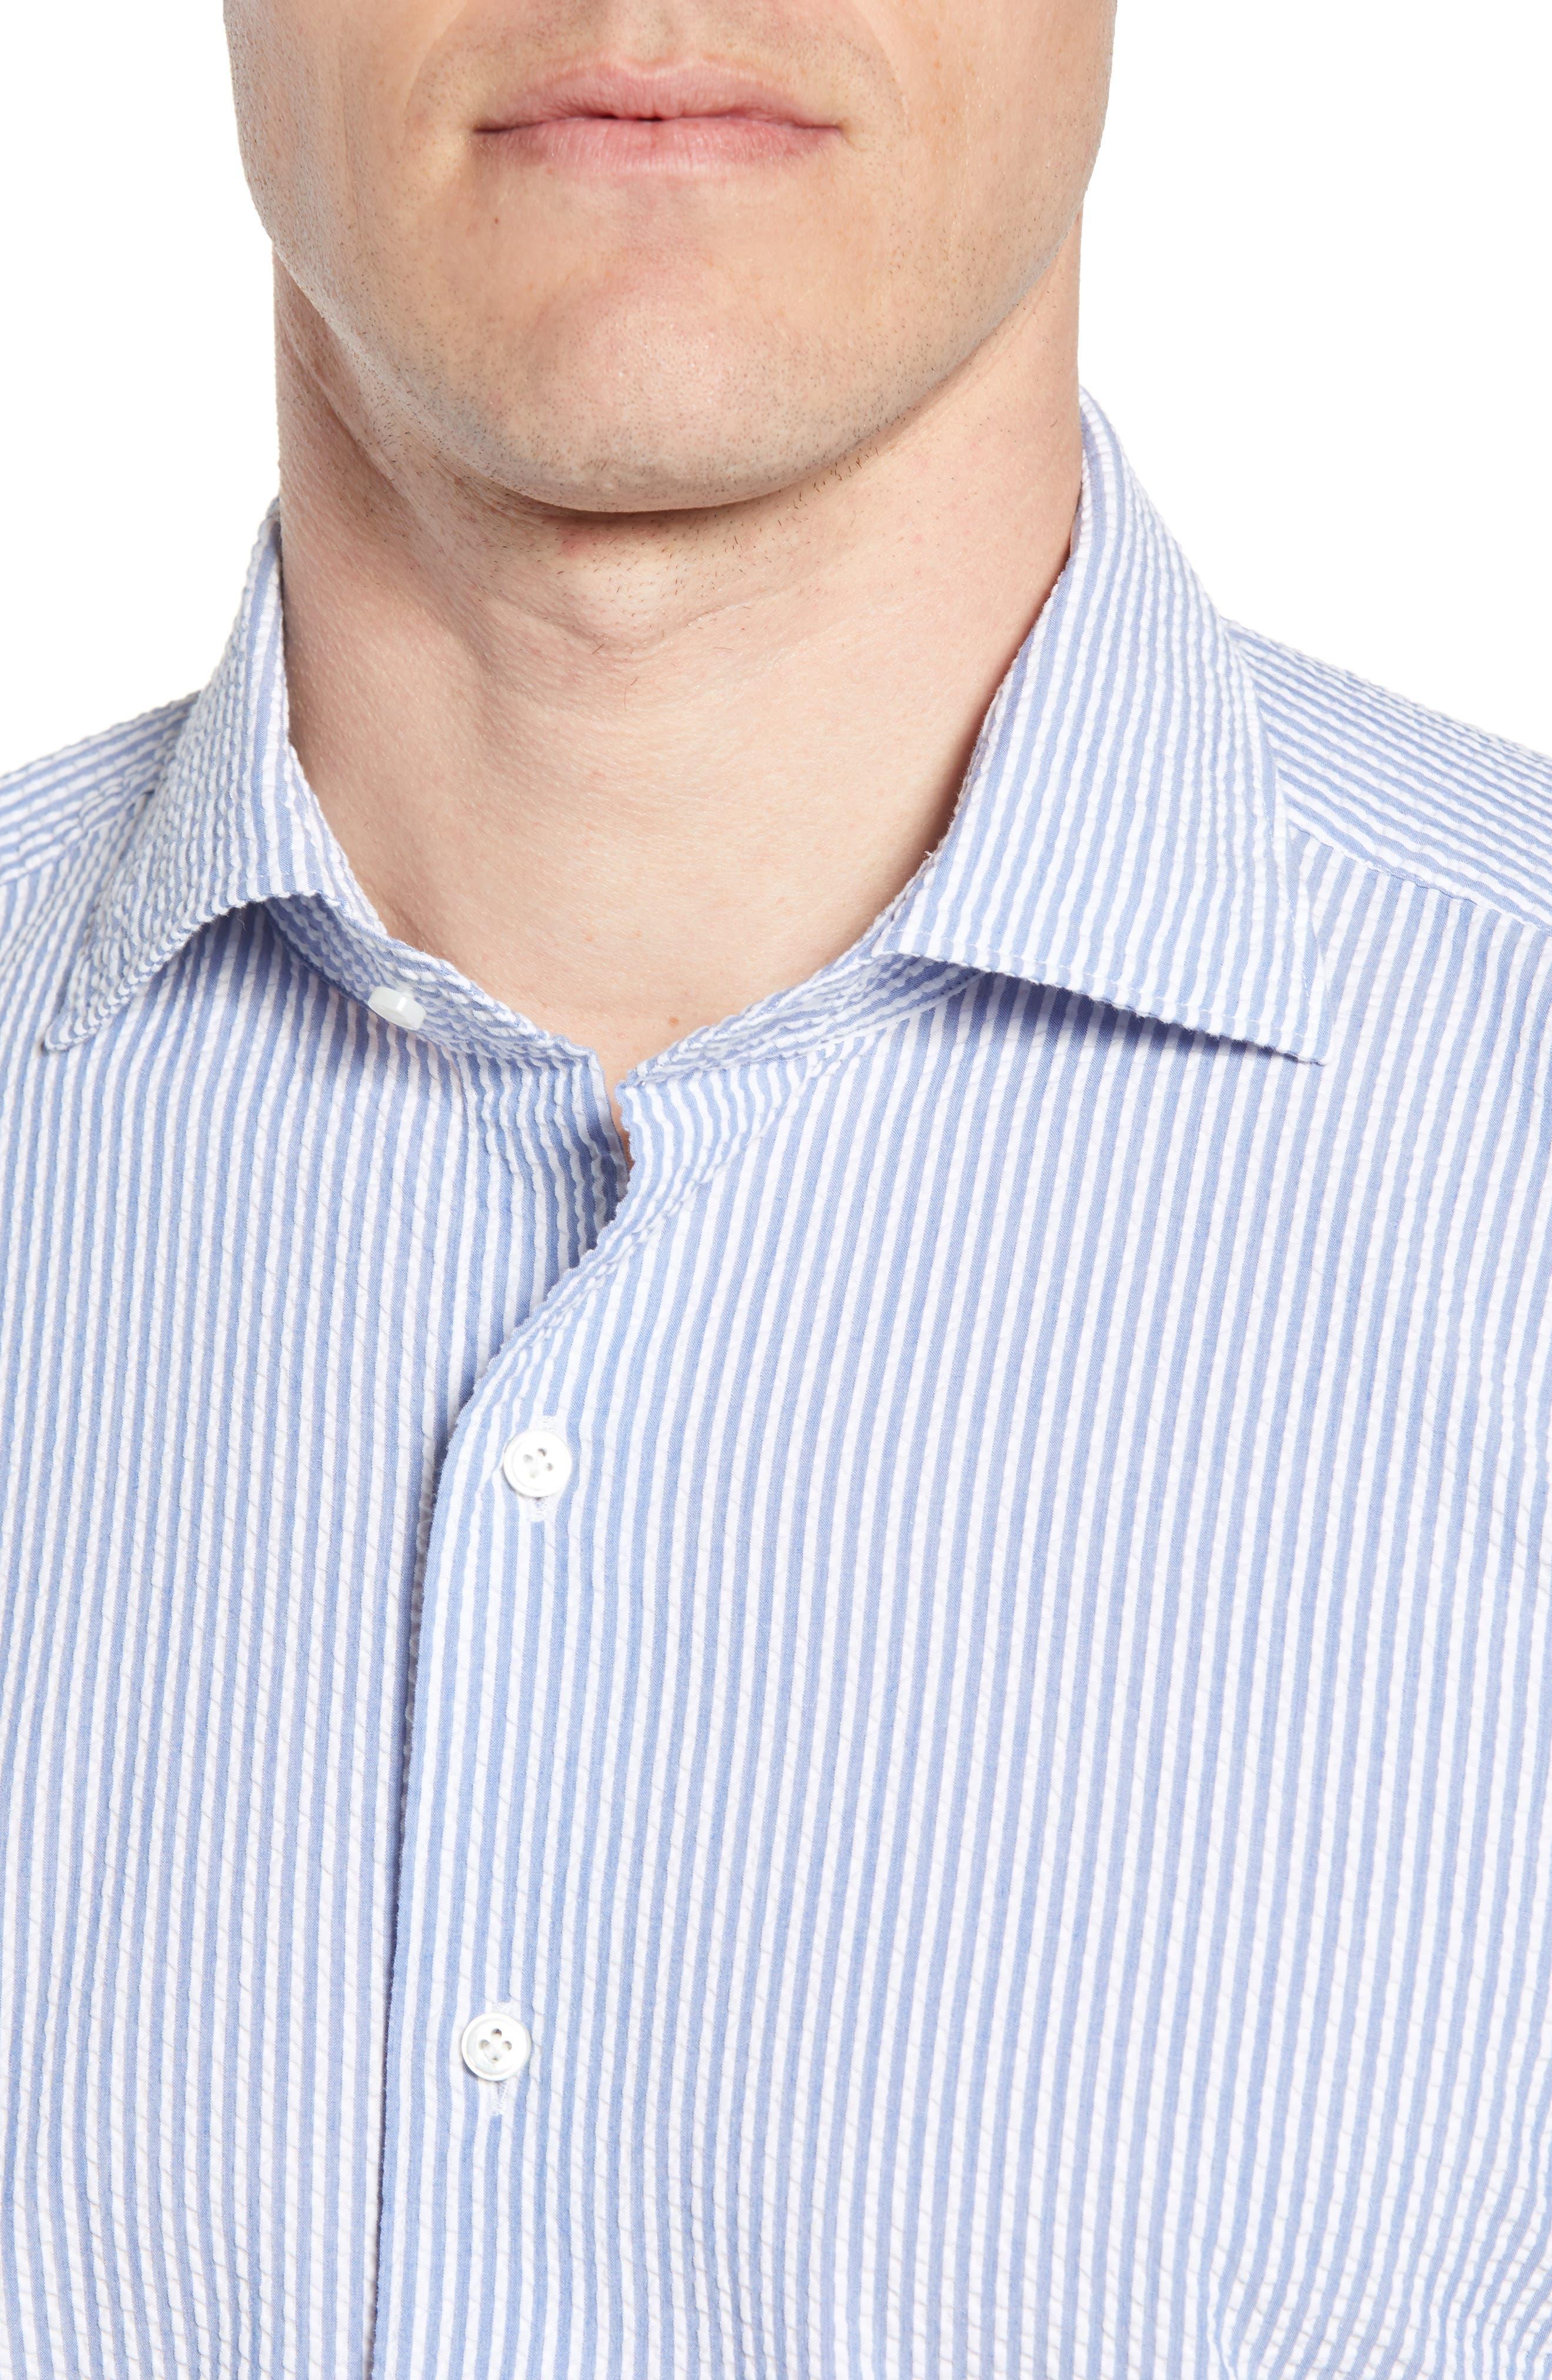 Summertime Stripe Seersucker Sport Shirt,                             Alternate thumbnail 4, color,                             BLUE CEILLO